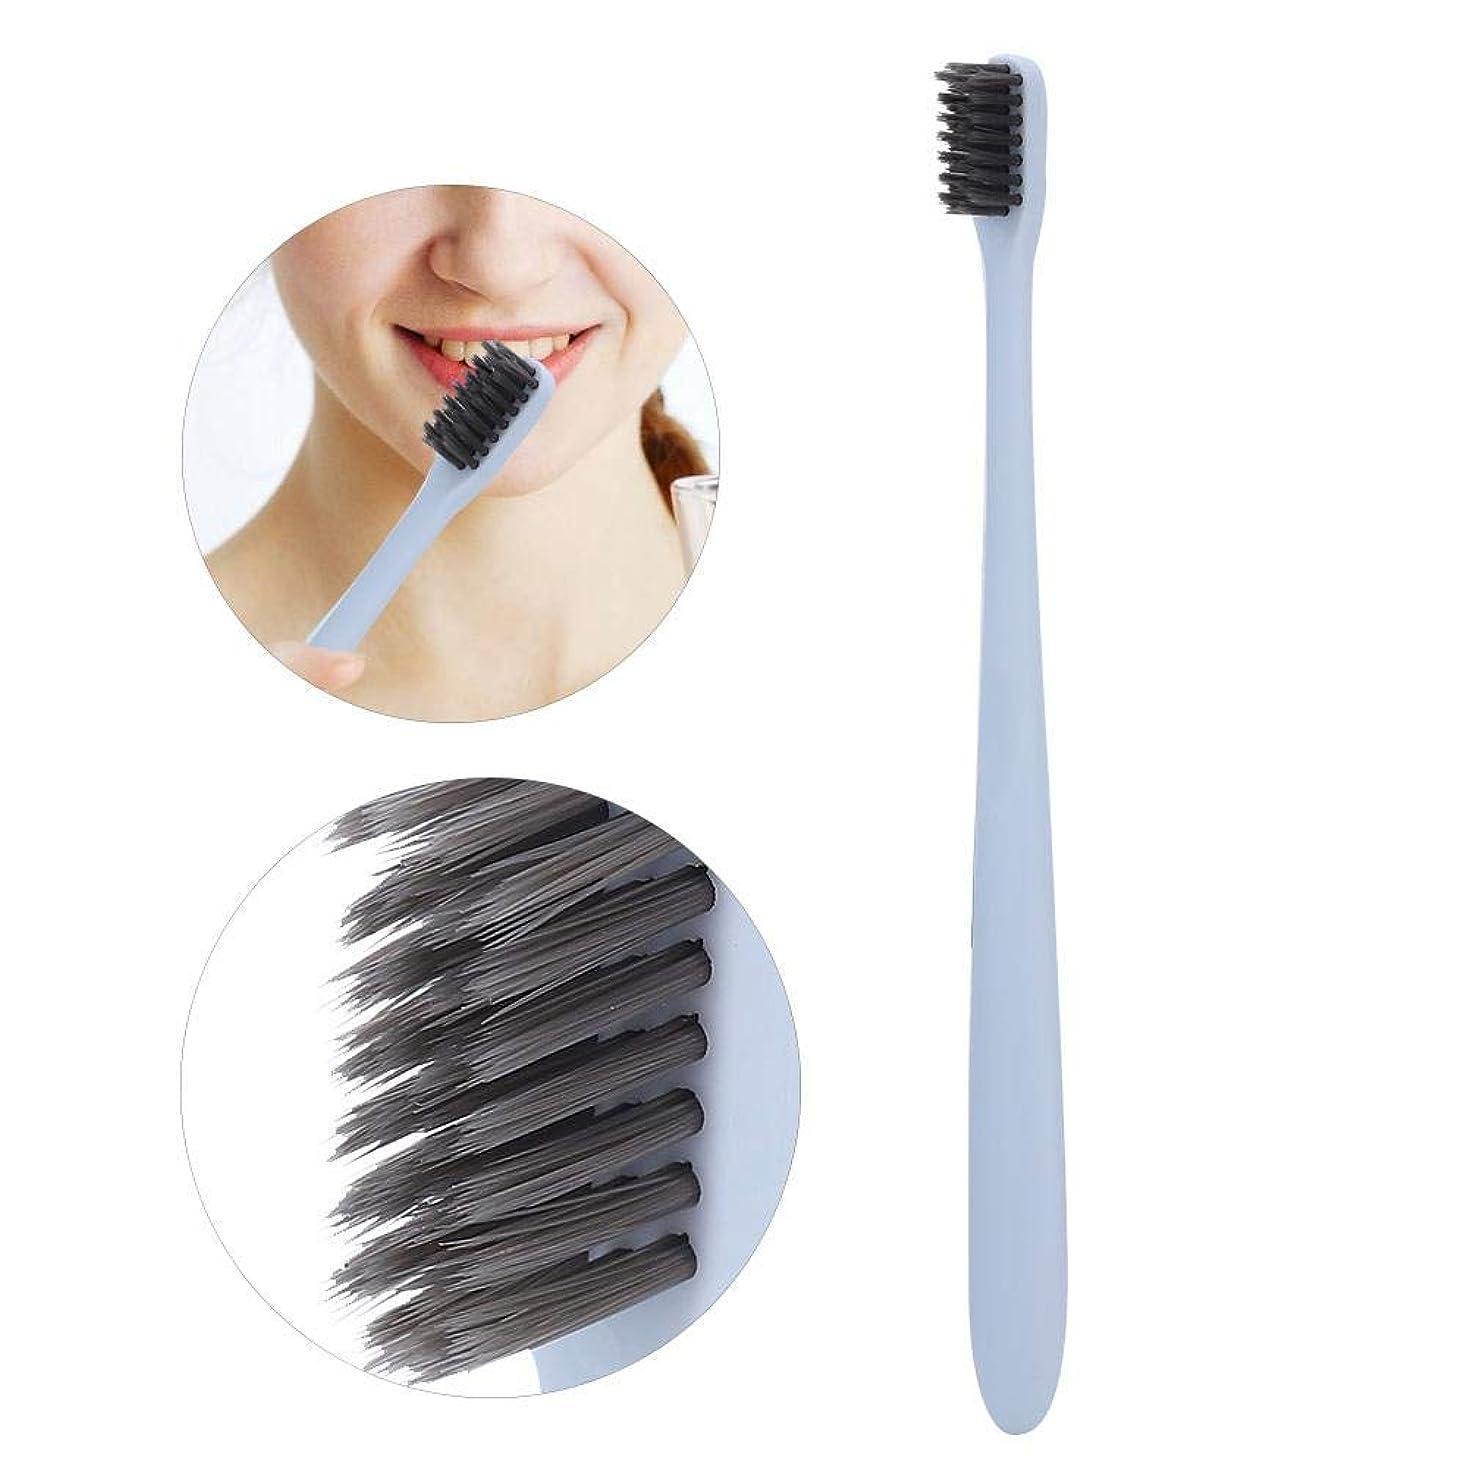 主張肘王子10ピース歯ブラシ、竹炭ソフトブラシ髪の歯ブラシ歯の歯磨きブラシ大人用